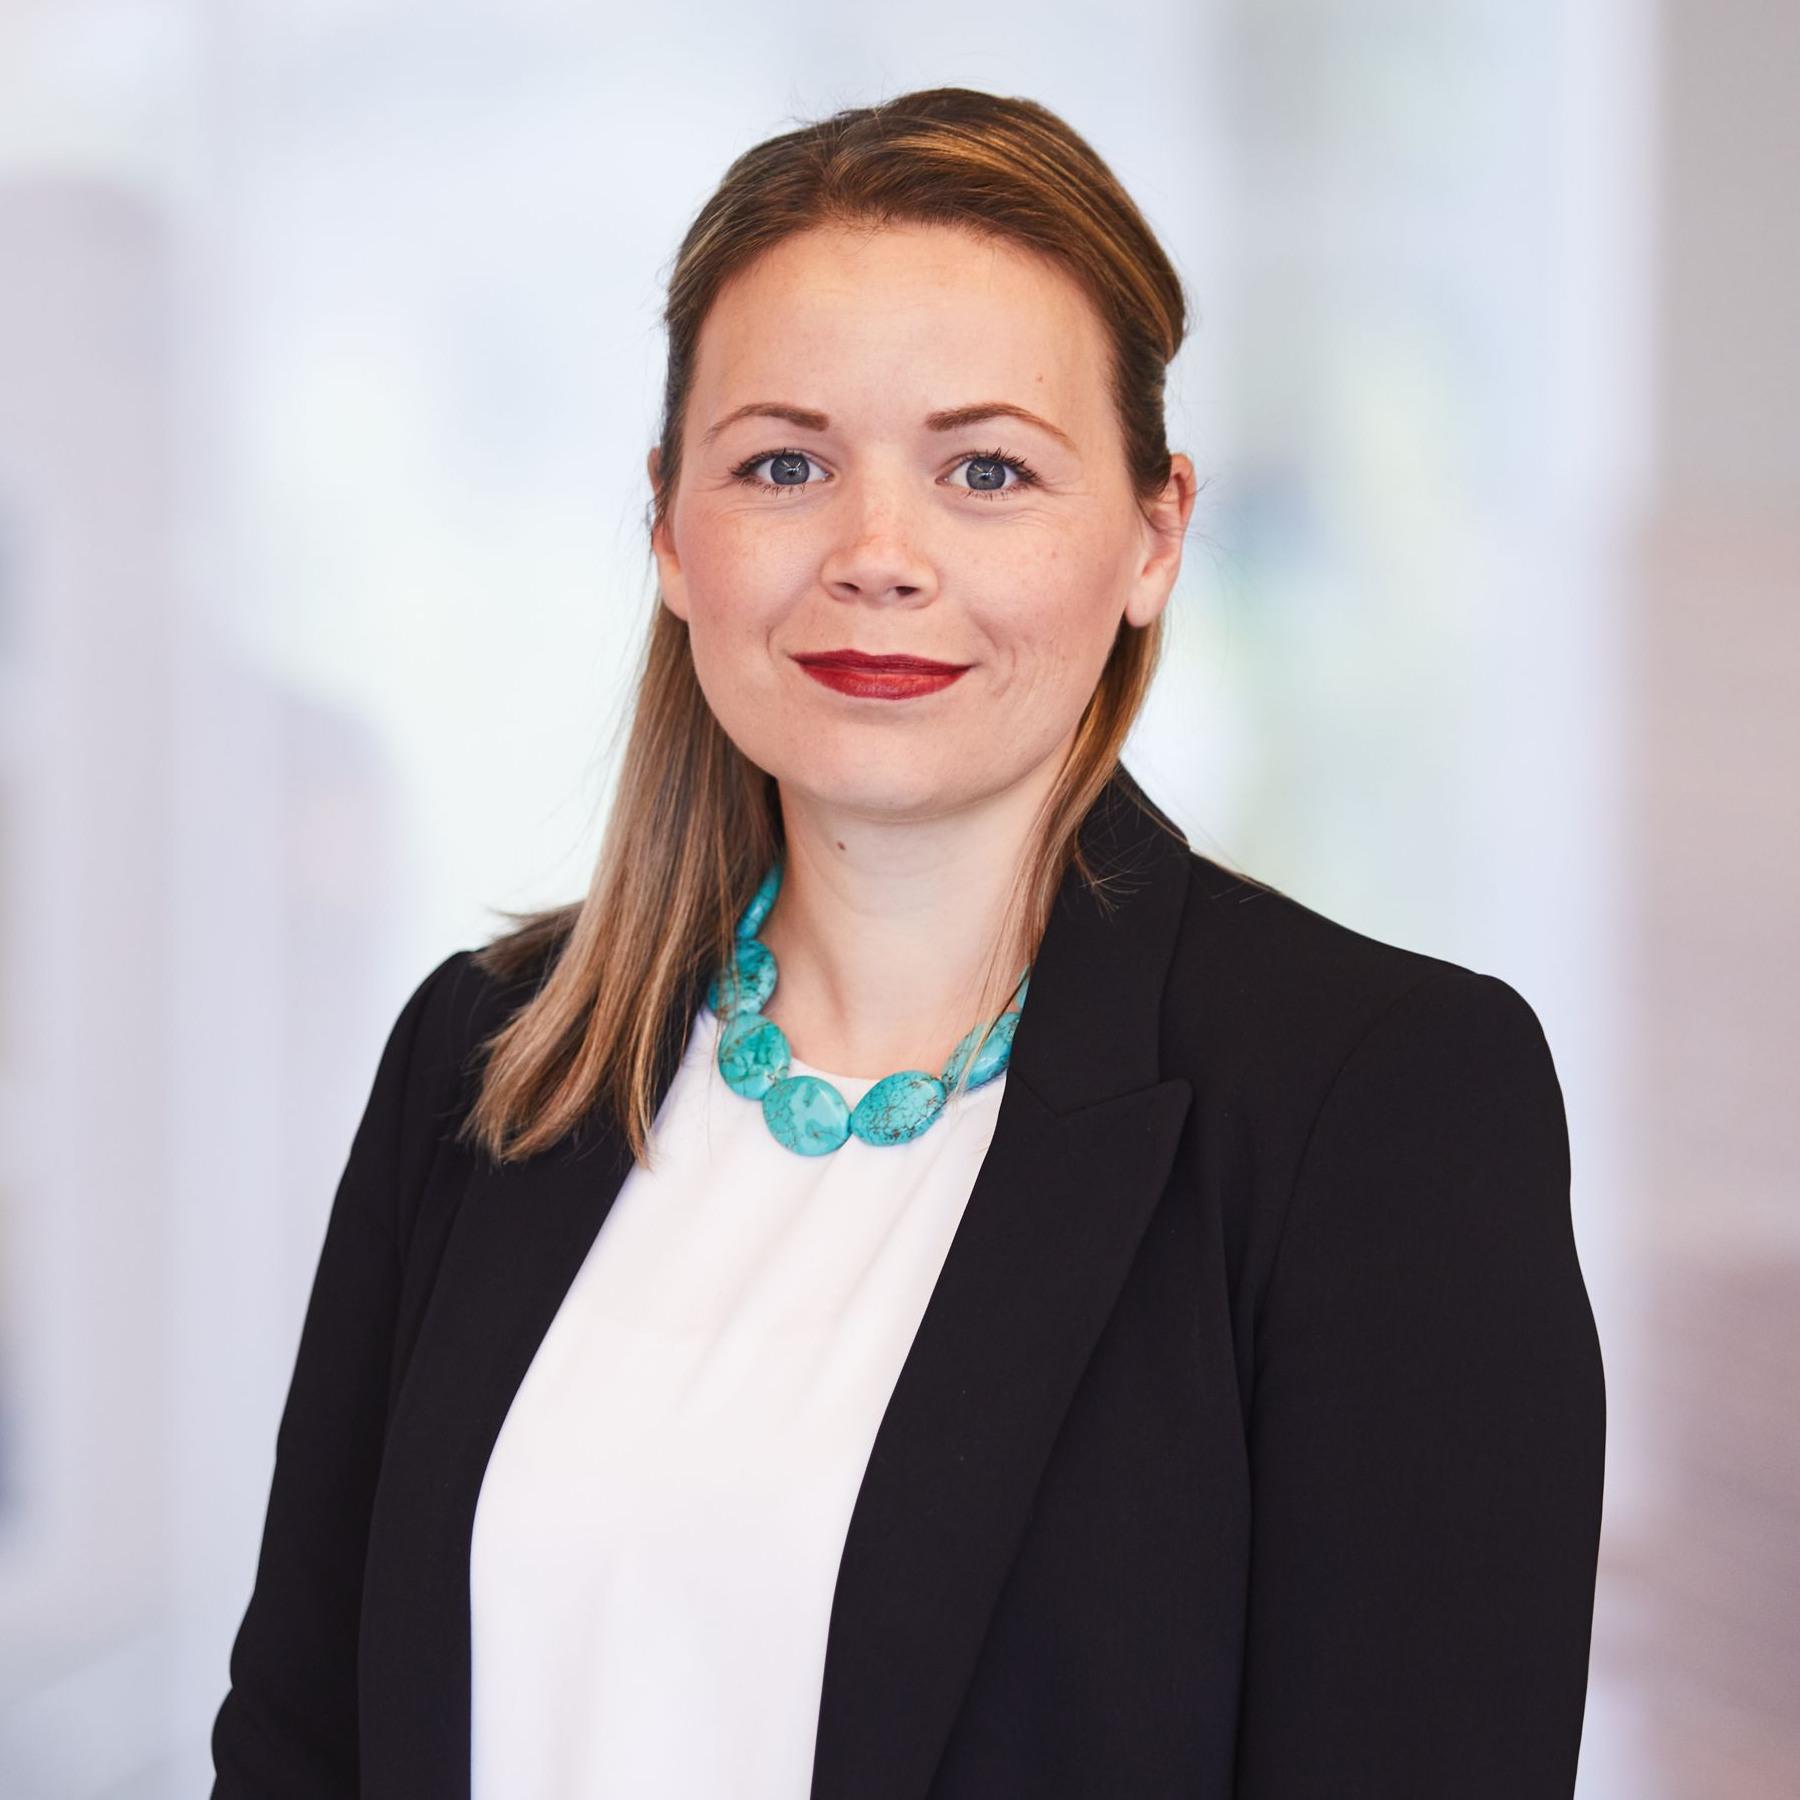 Anne Schaufele